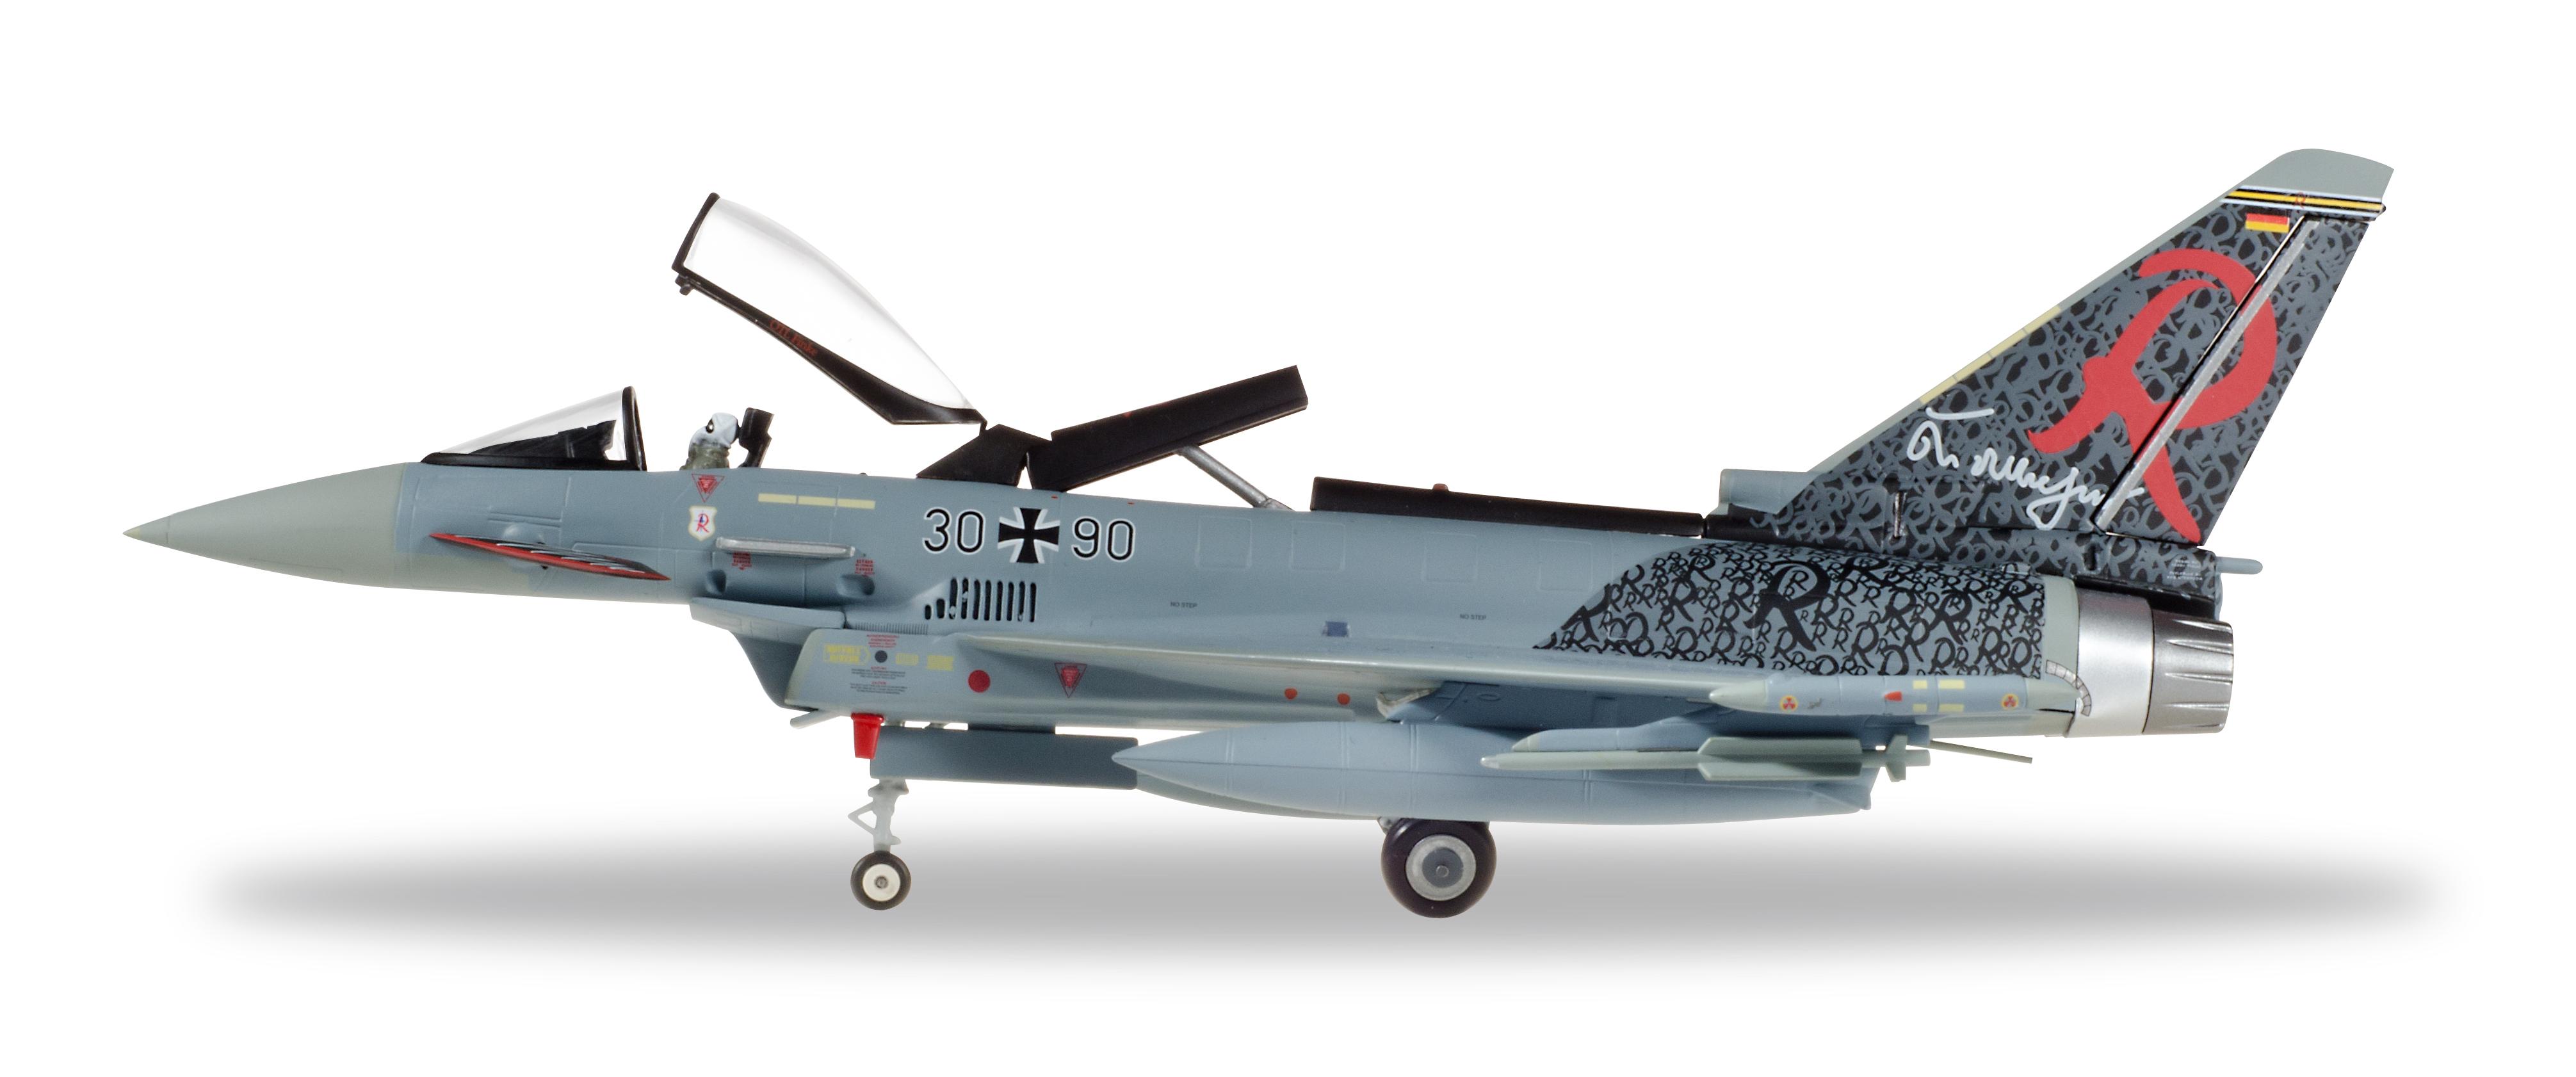 Herpa 580182-1//72 Eurofighter Typhoon-taktlwg 71 Richthofen-Luftwaffe